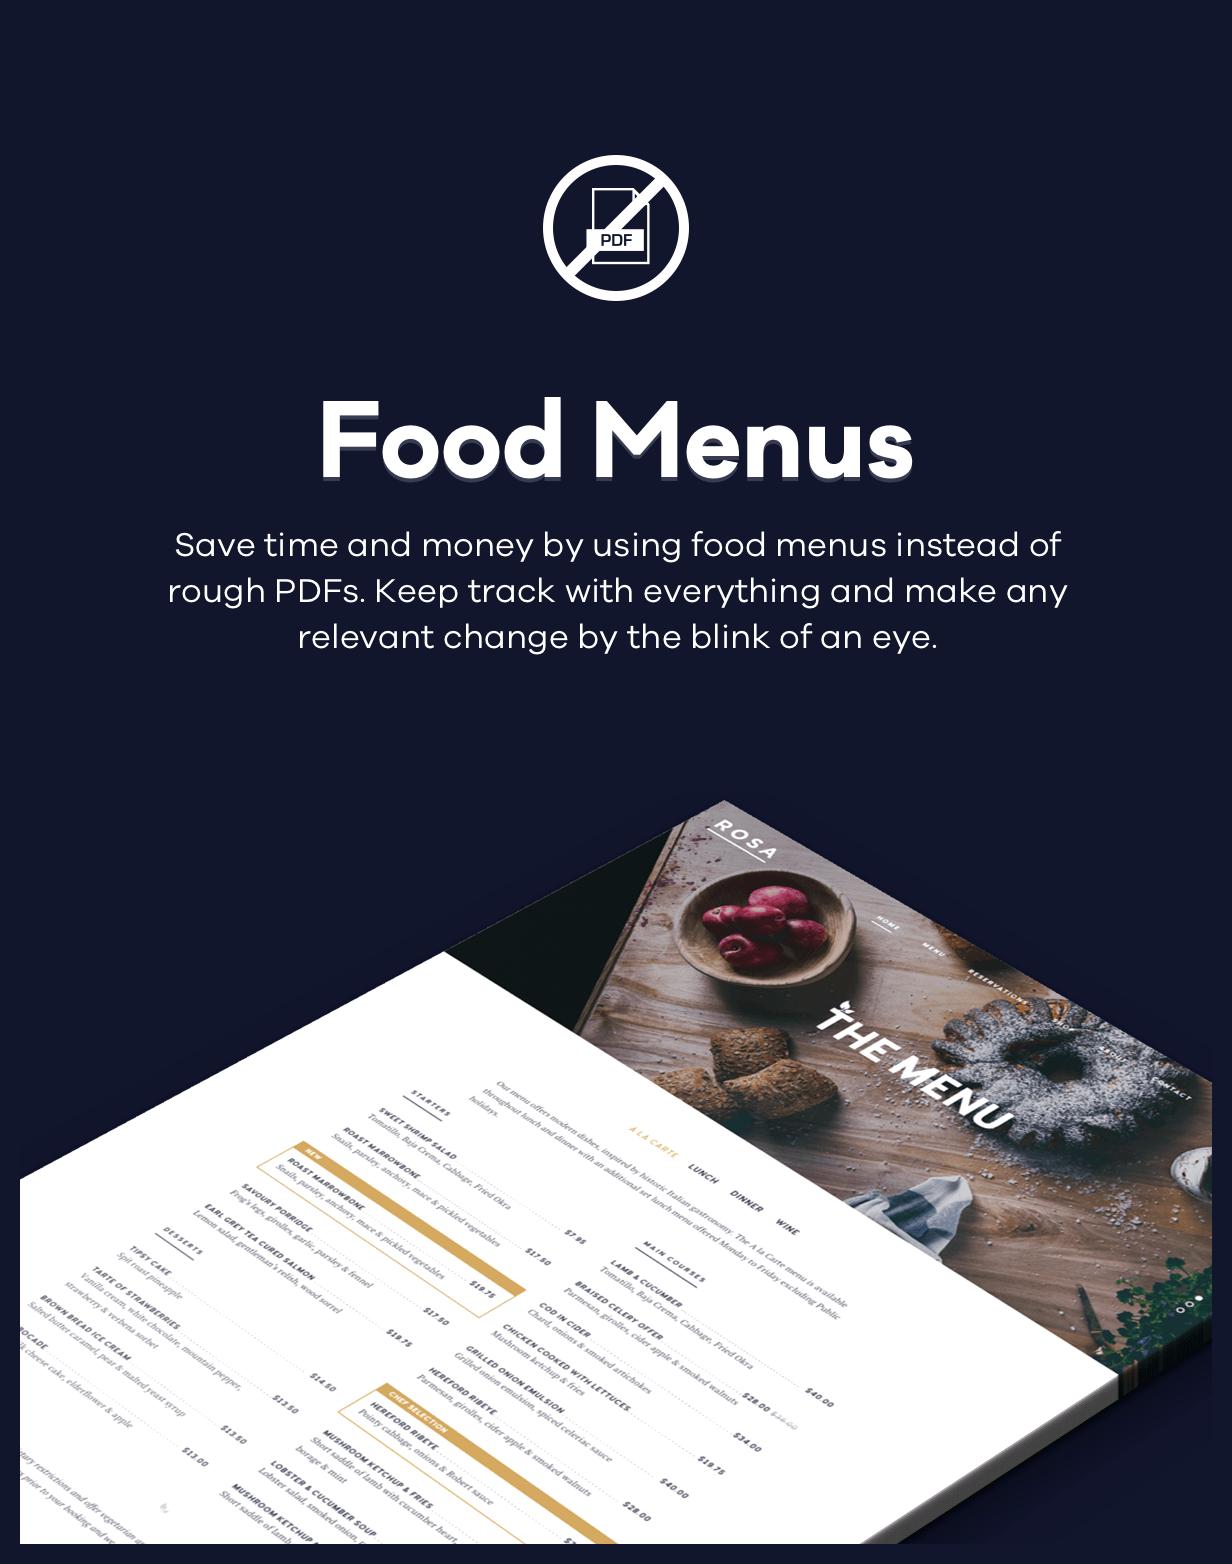 روزا 1 - ثيم WordPress للمطعم الرائع - 3